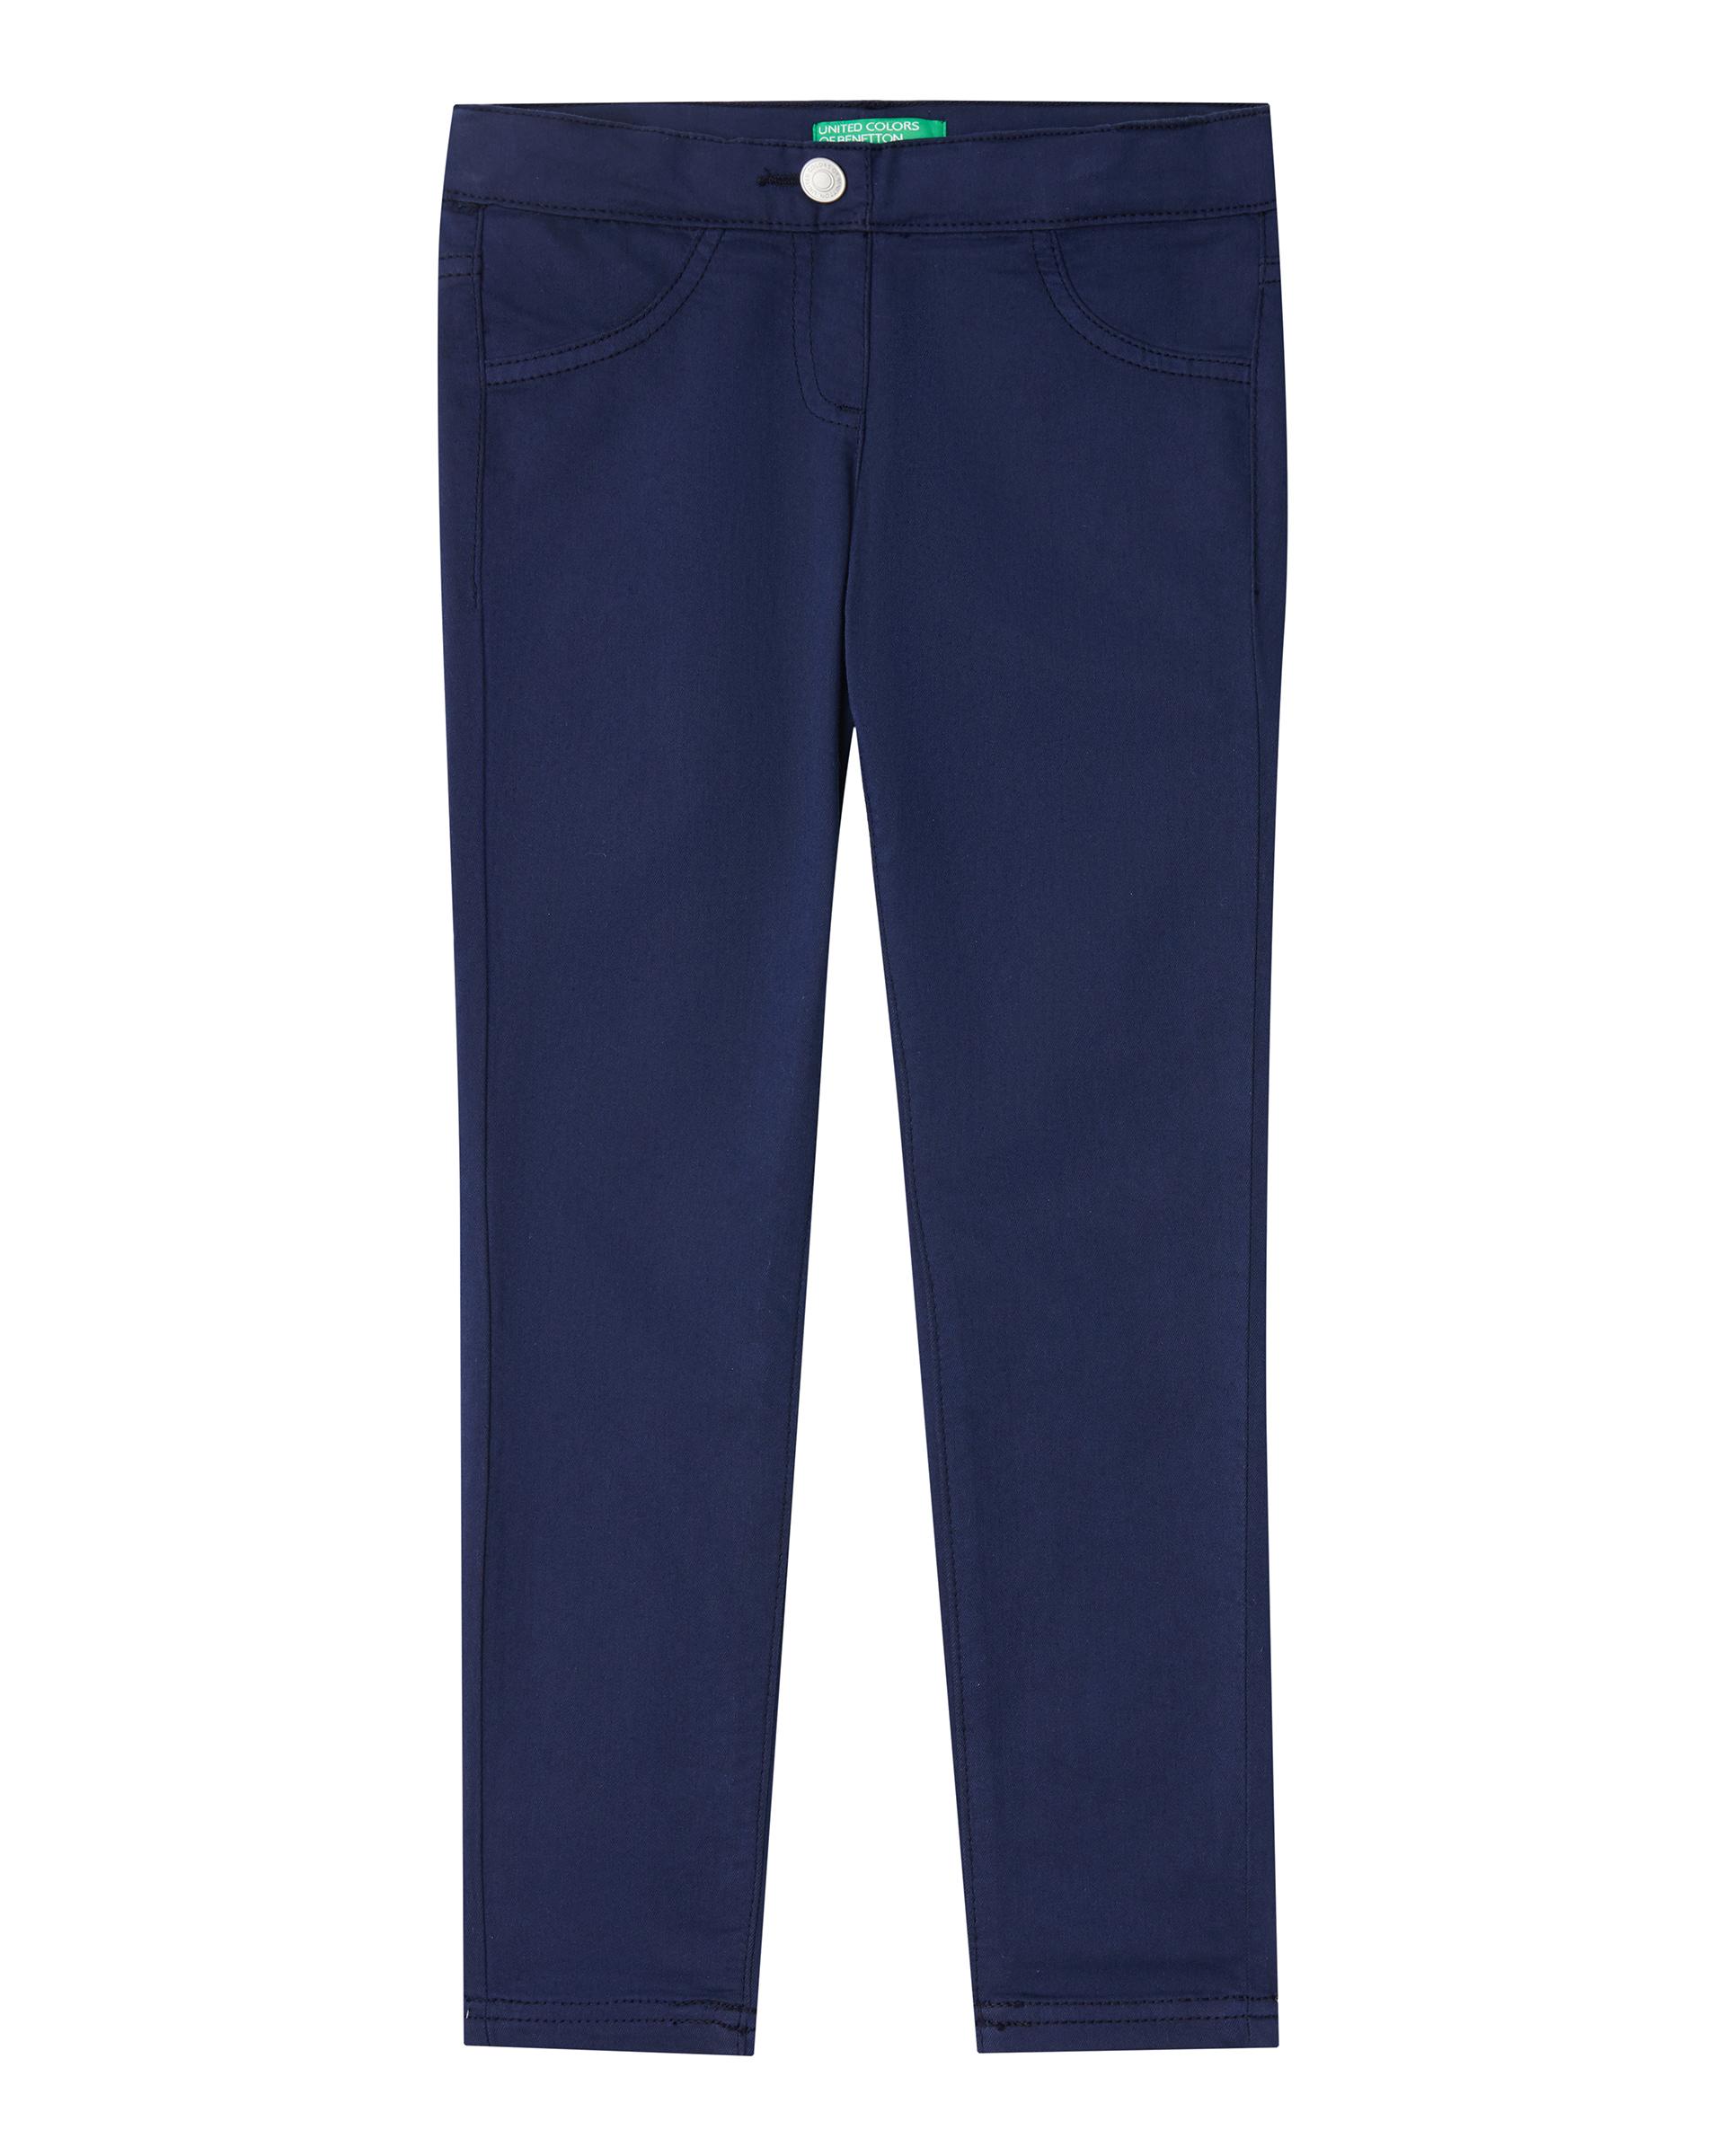 Купить 20P_4U4057I20_252, Эластичные брюки для девочек Benetton 4U4057I20_252 р-р 80, United Colors of Benetton, Шорты и брюки для новорожденных